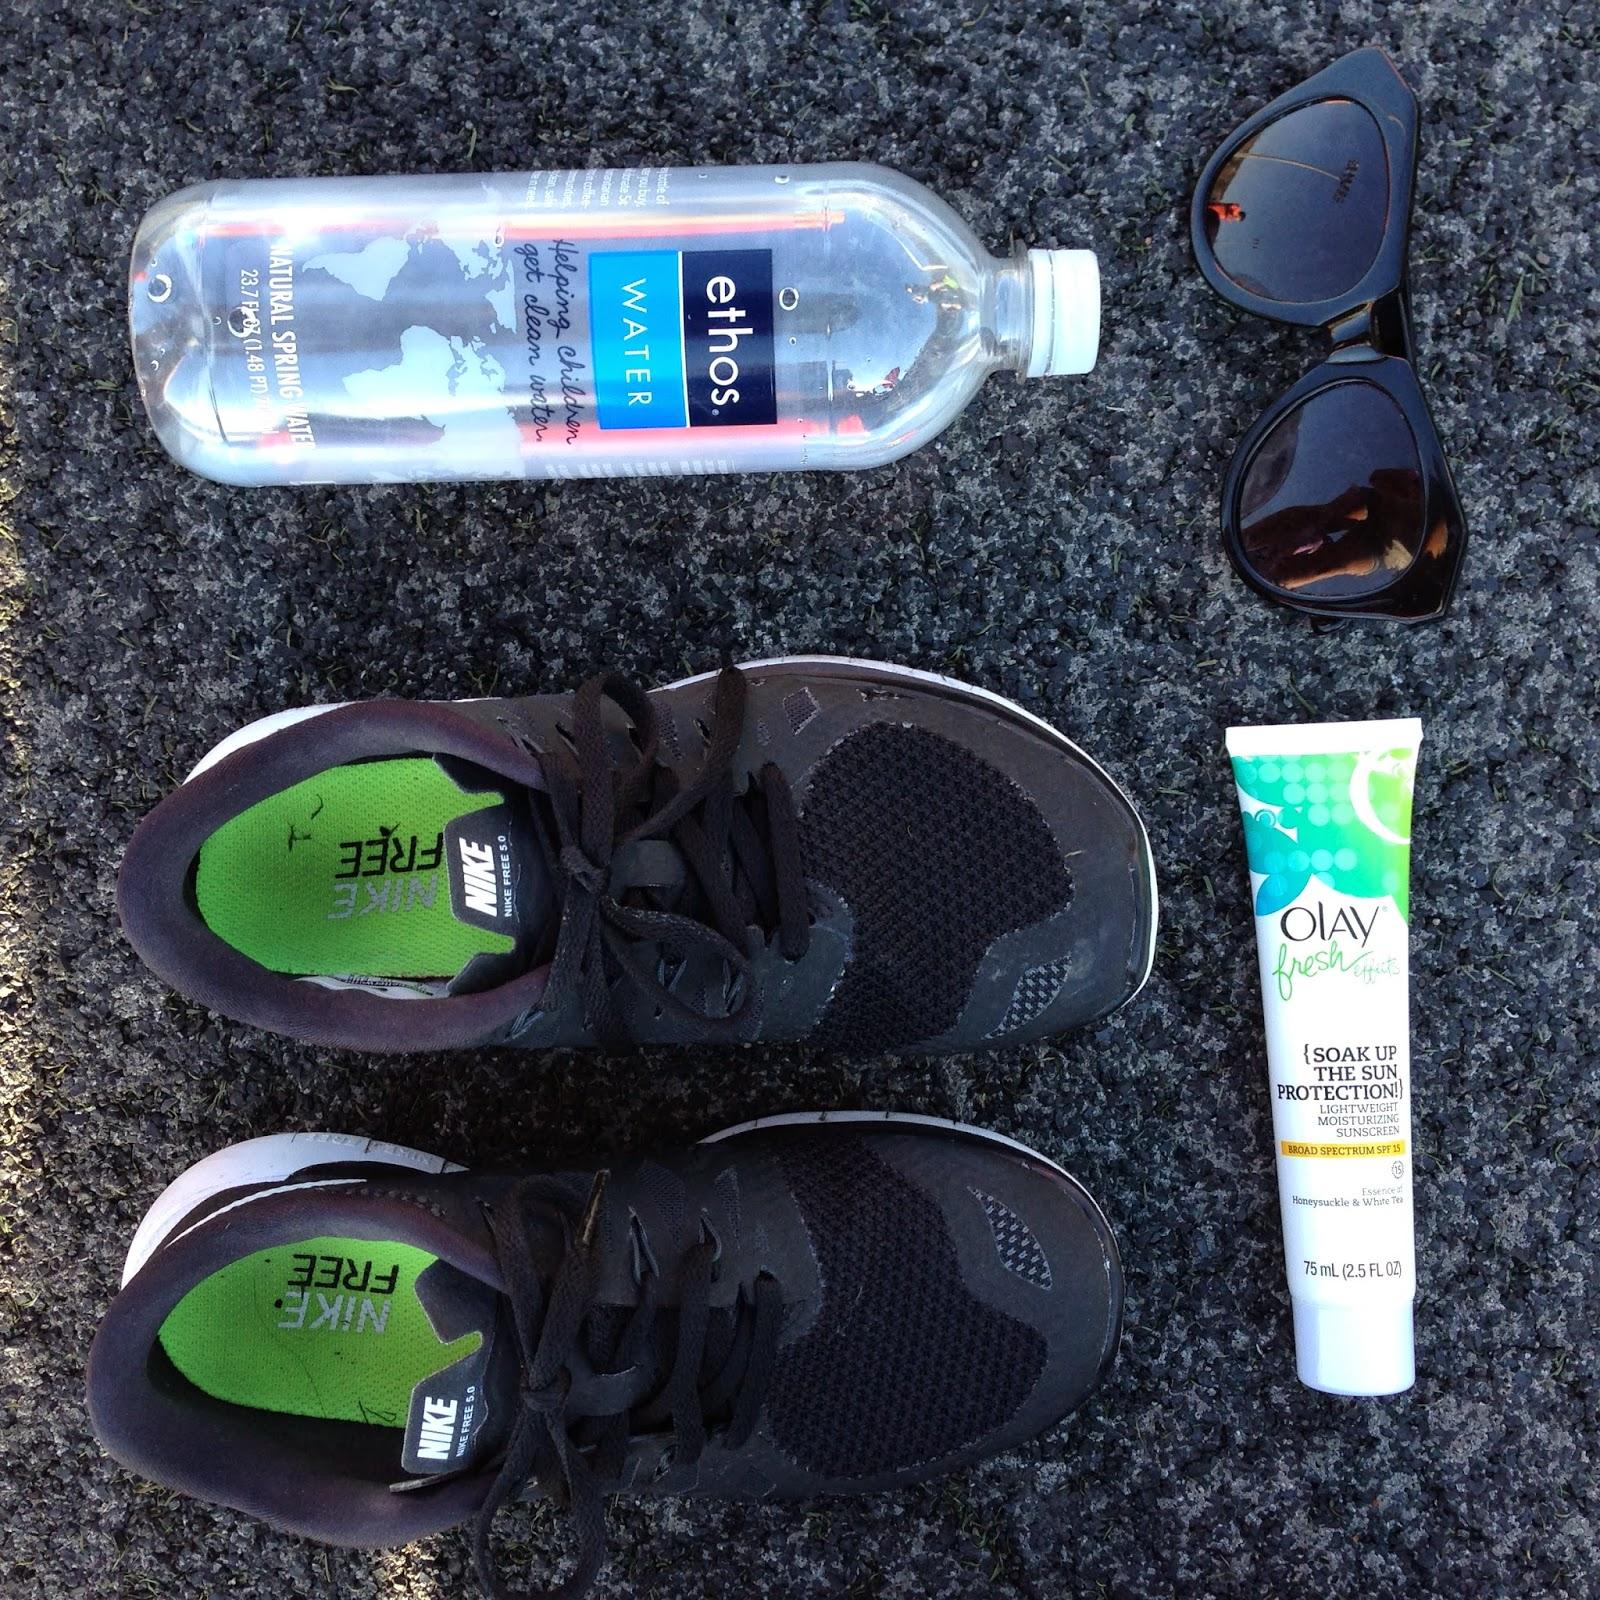 olay fresh effects sunscreen, beach time